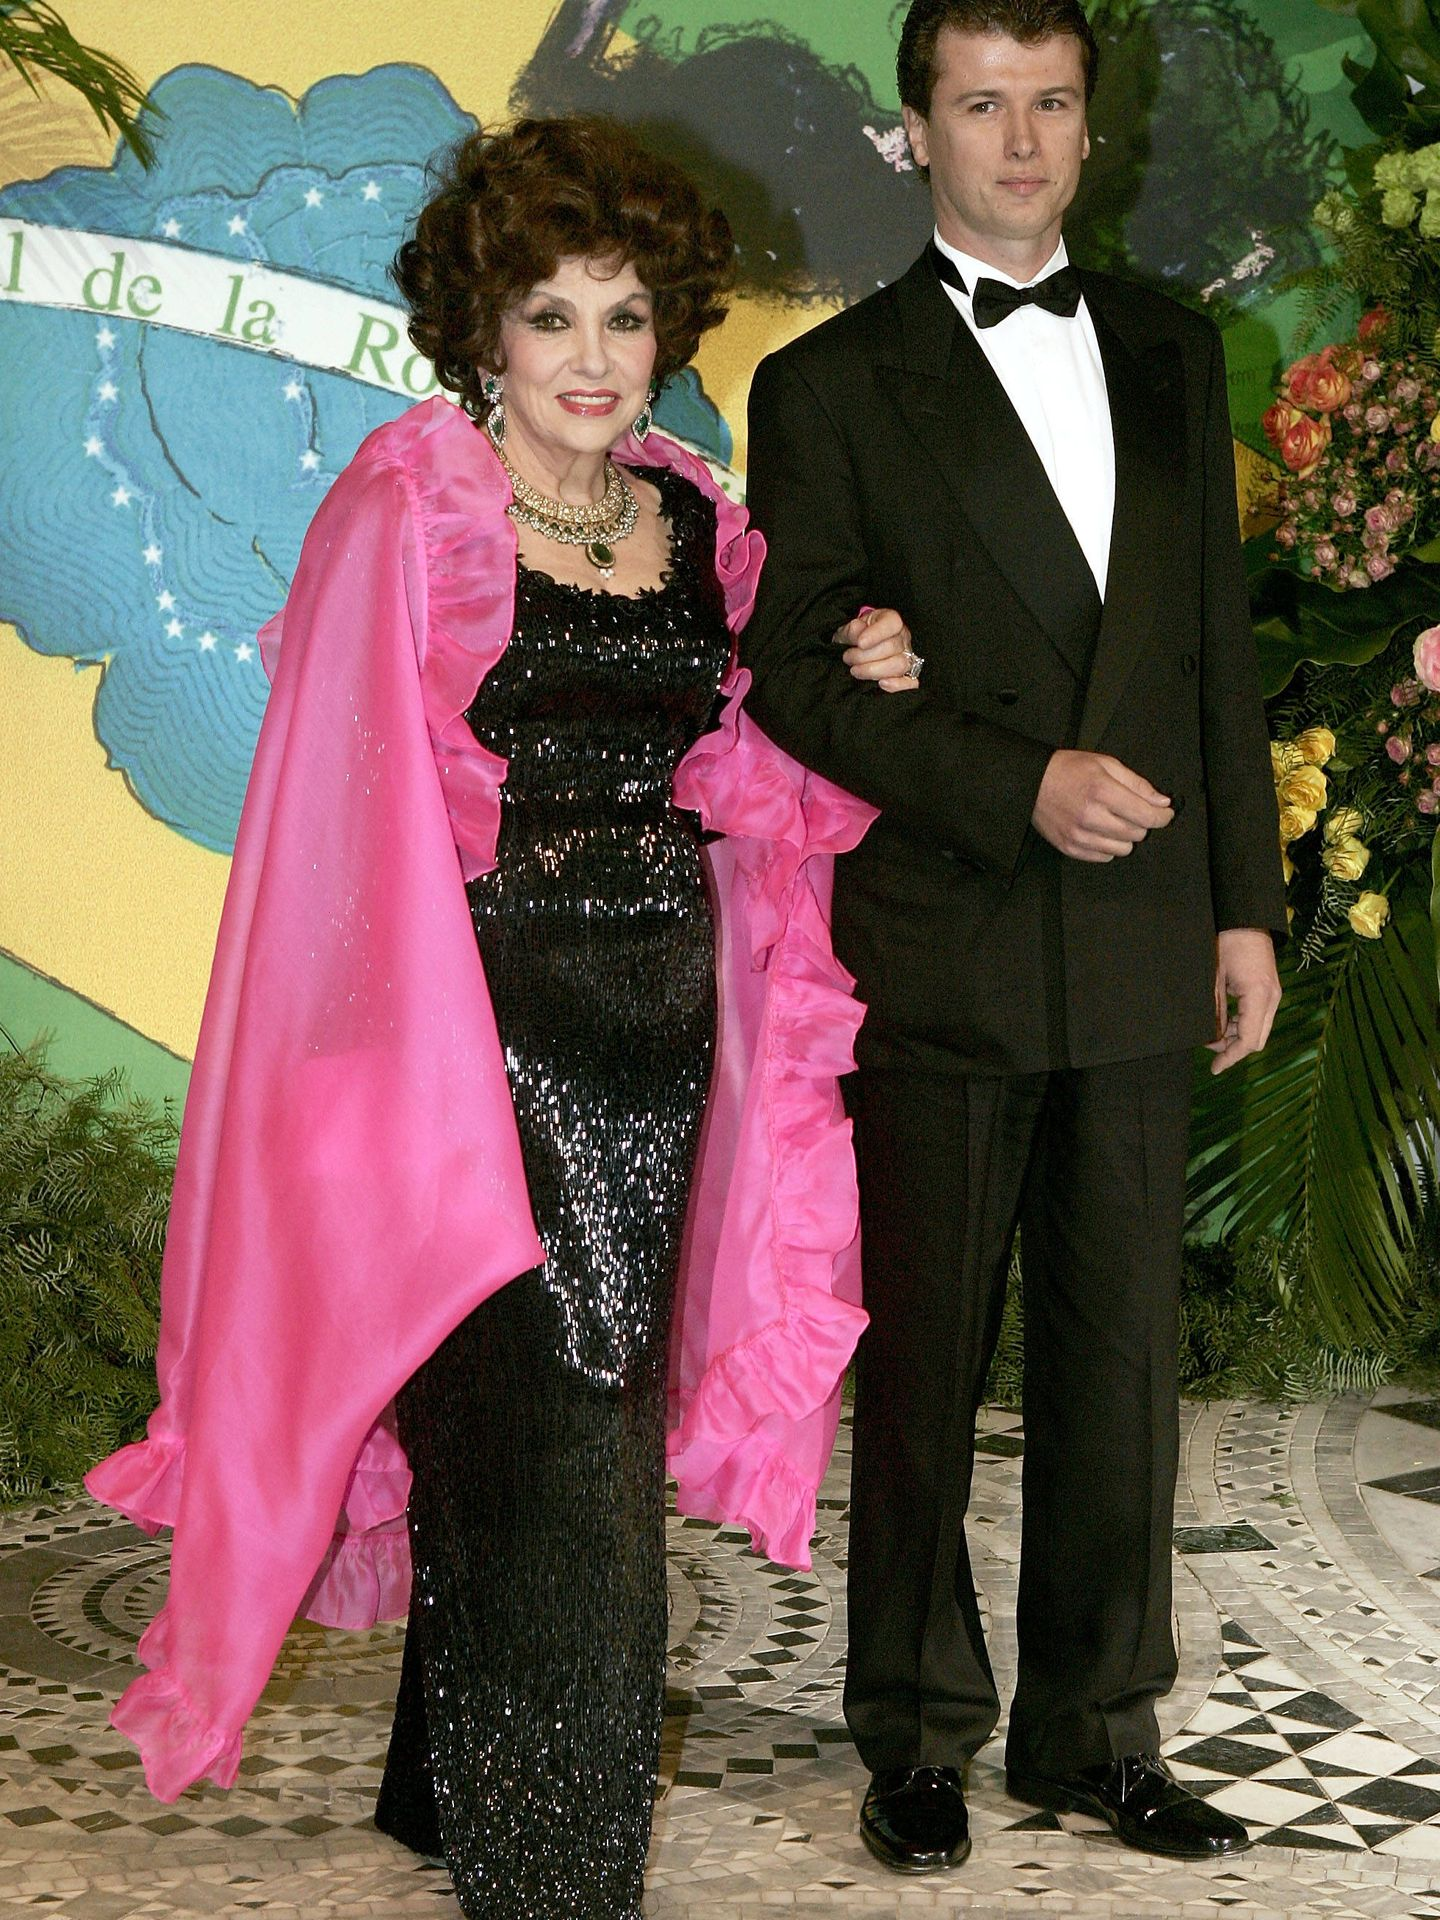 Gina Lollobrigida y Javier Rigau en el Baile de la Rosa de 2005. (Getty)